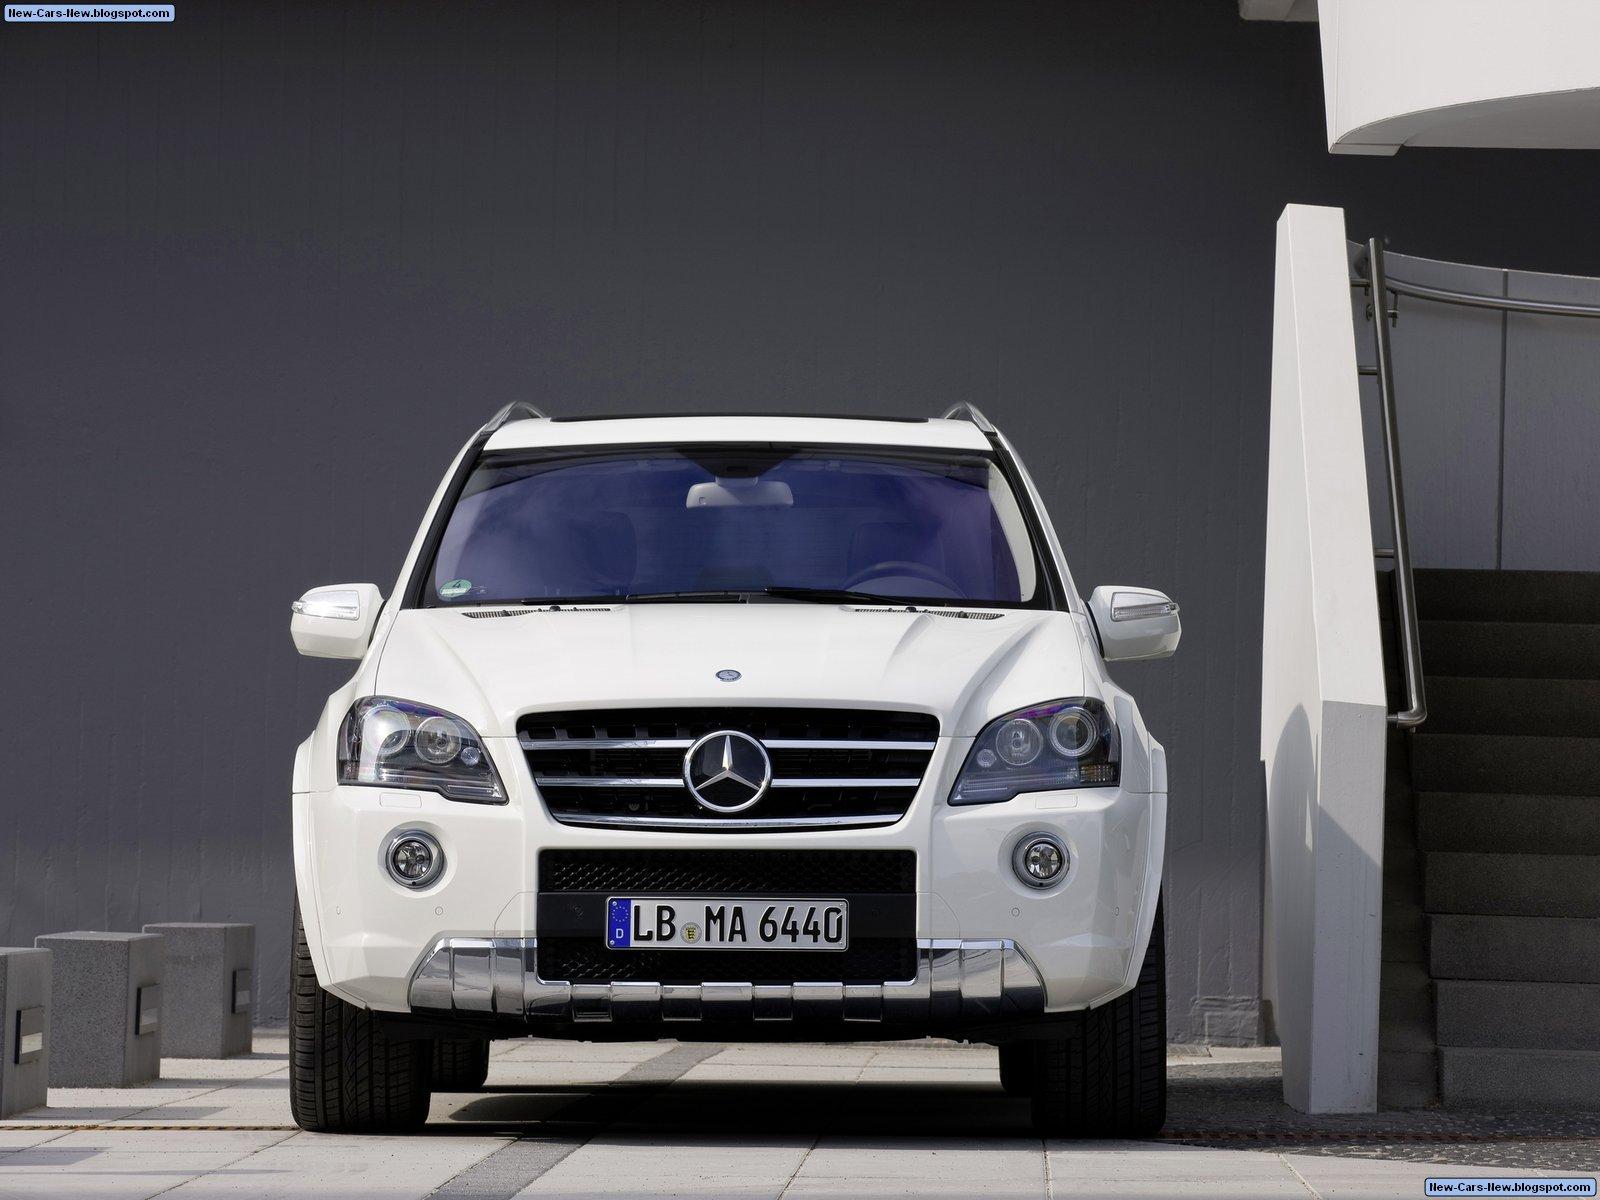 http://3.bp.blogspot.com/_U4w592tUDHM/TCOHsnxTbSI/AAAAAAAADpA/RfrOMPNTVyI/s1600/Mercedes-Benz-ML_63_AMG_2011_1600x1200_wallpaper_03.jpg